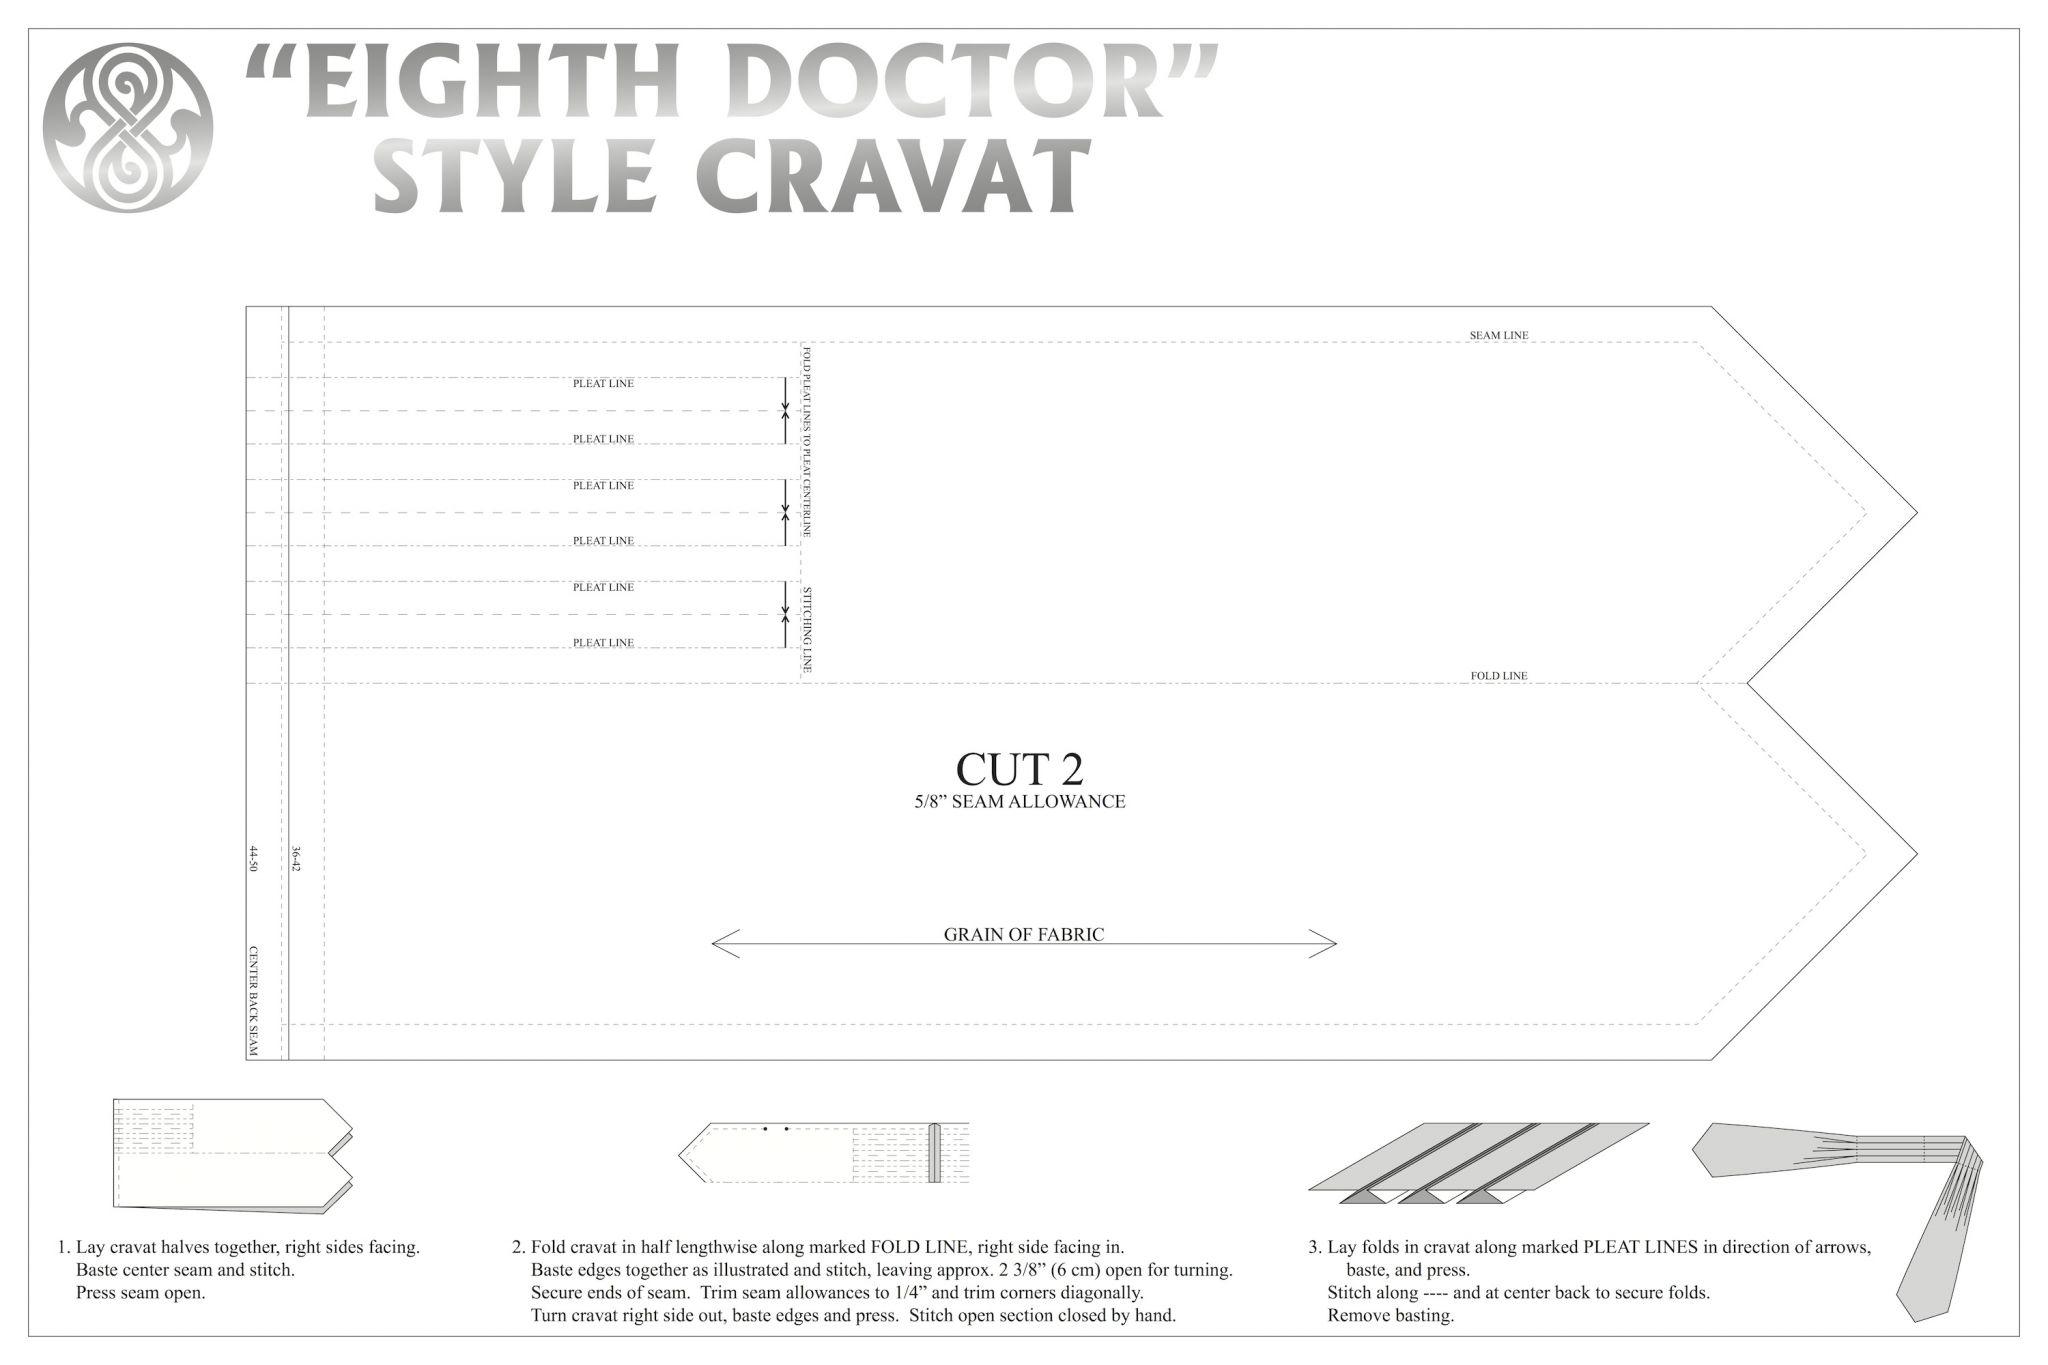 8thDoctorCravat(Reduced).jpg